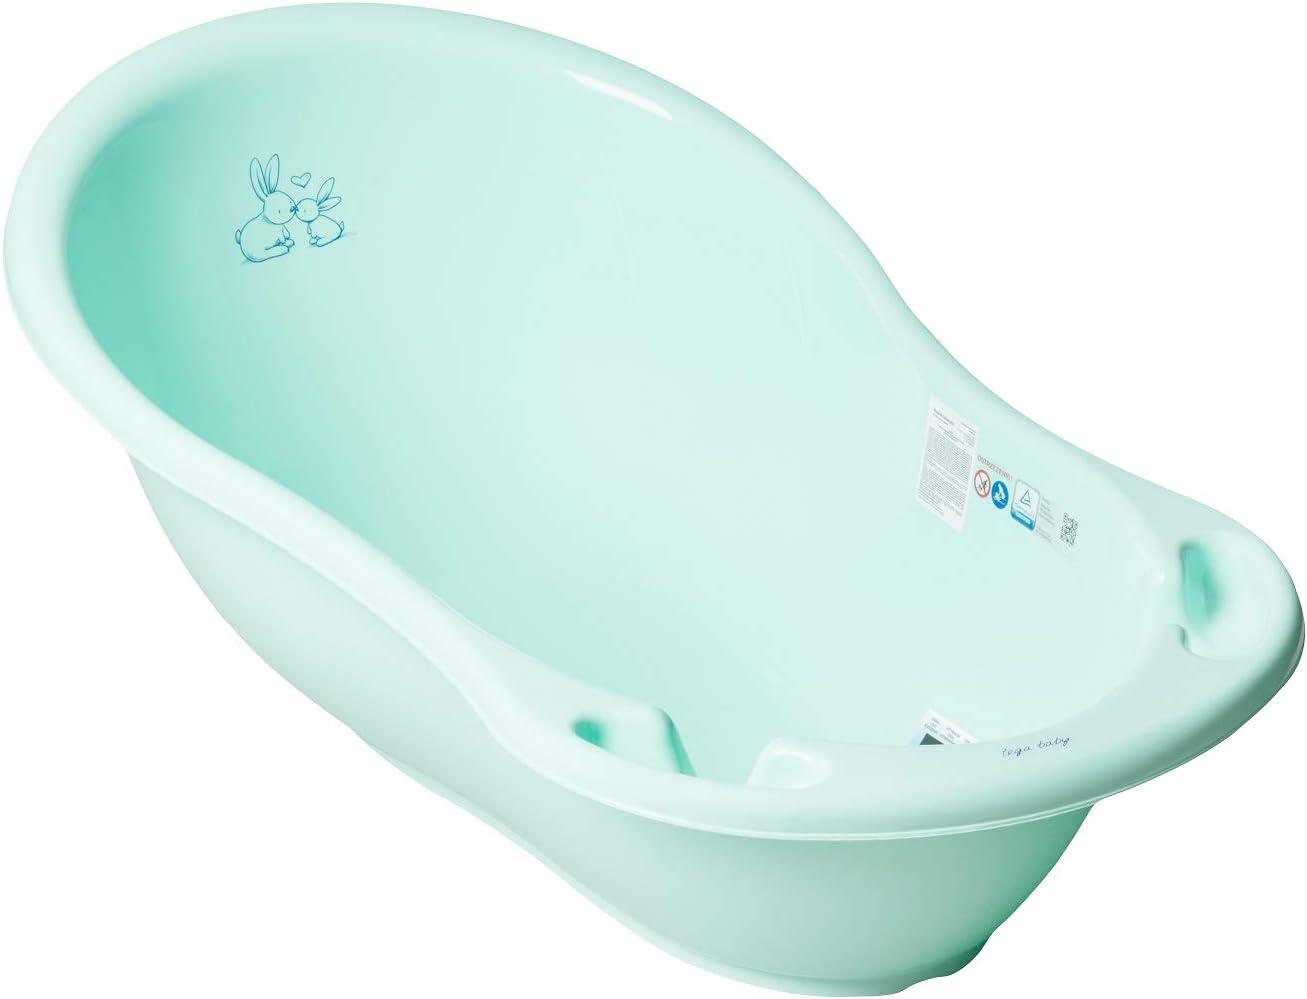 Tega Baby ® - Bañera ergonómica para bebé de 86 cm con termómetro integrado – Tapón para drenaje de agua Tapón de drenaje seguro para baño Bebé Bañera 0 – 12 meses verde Conejo – verde.